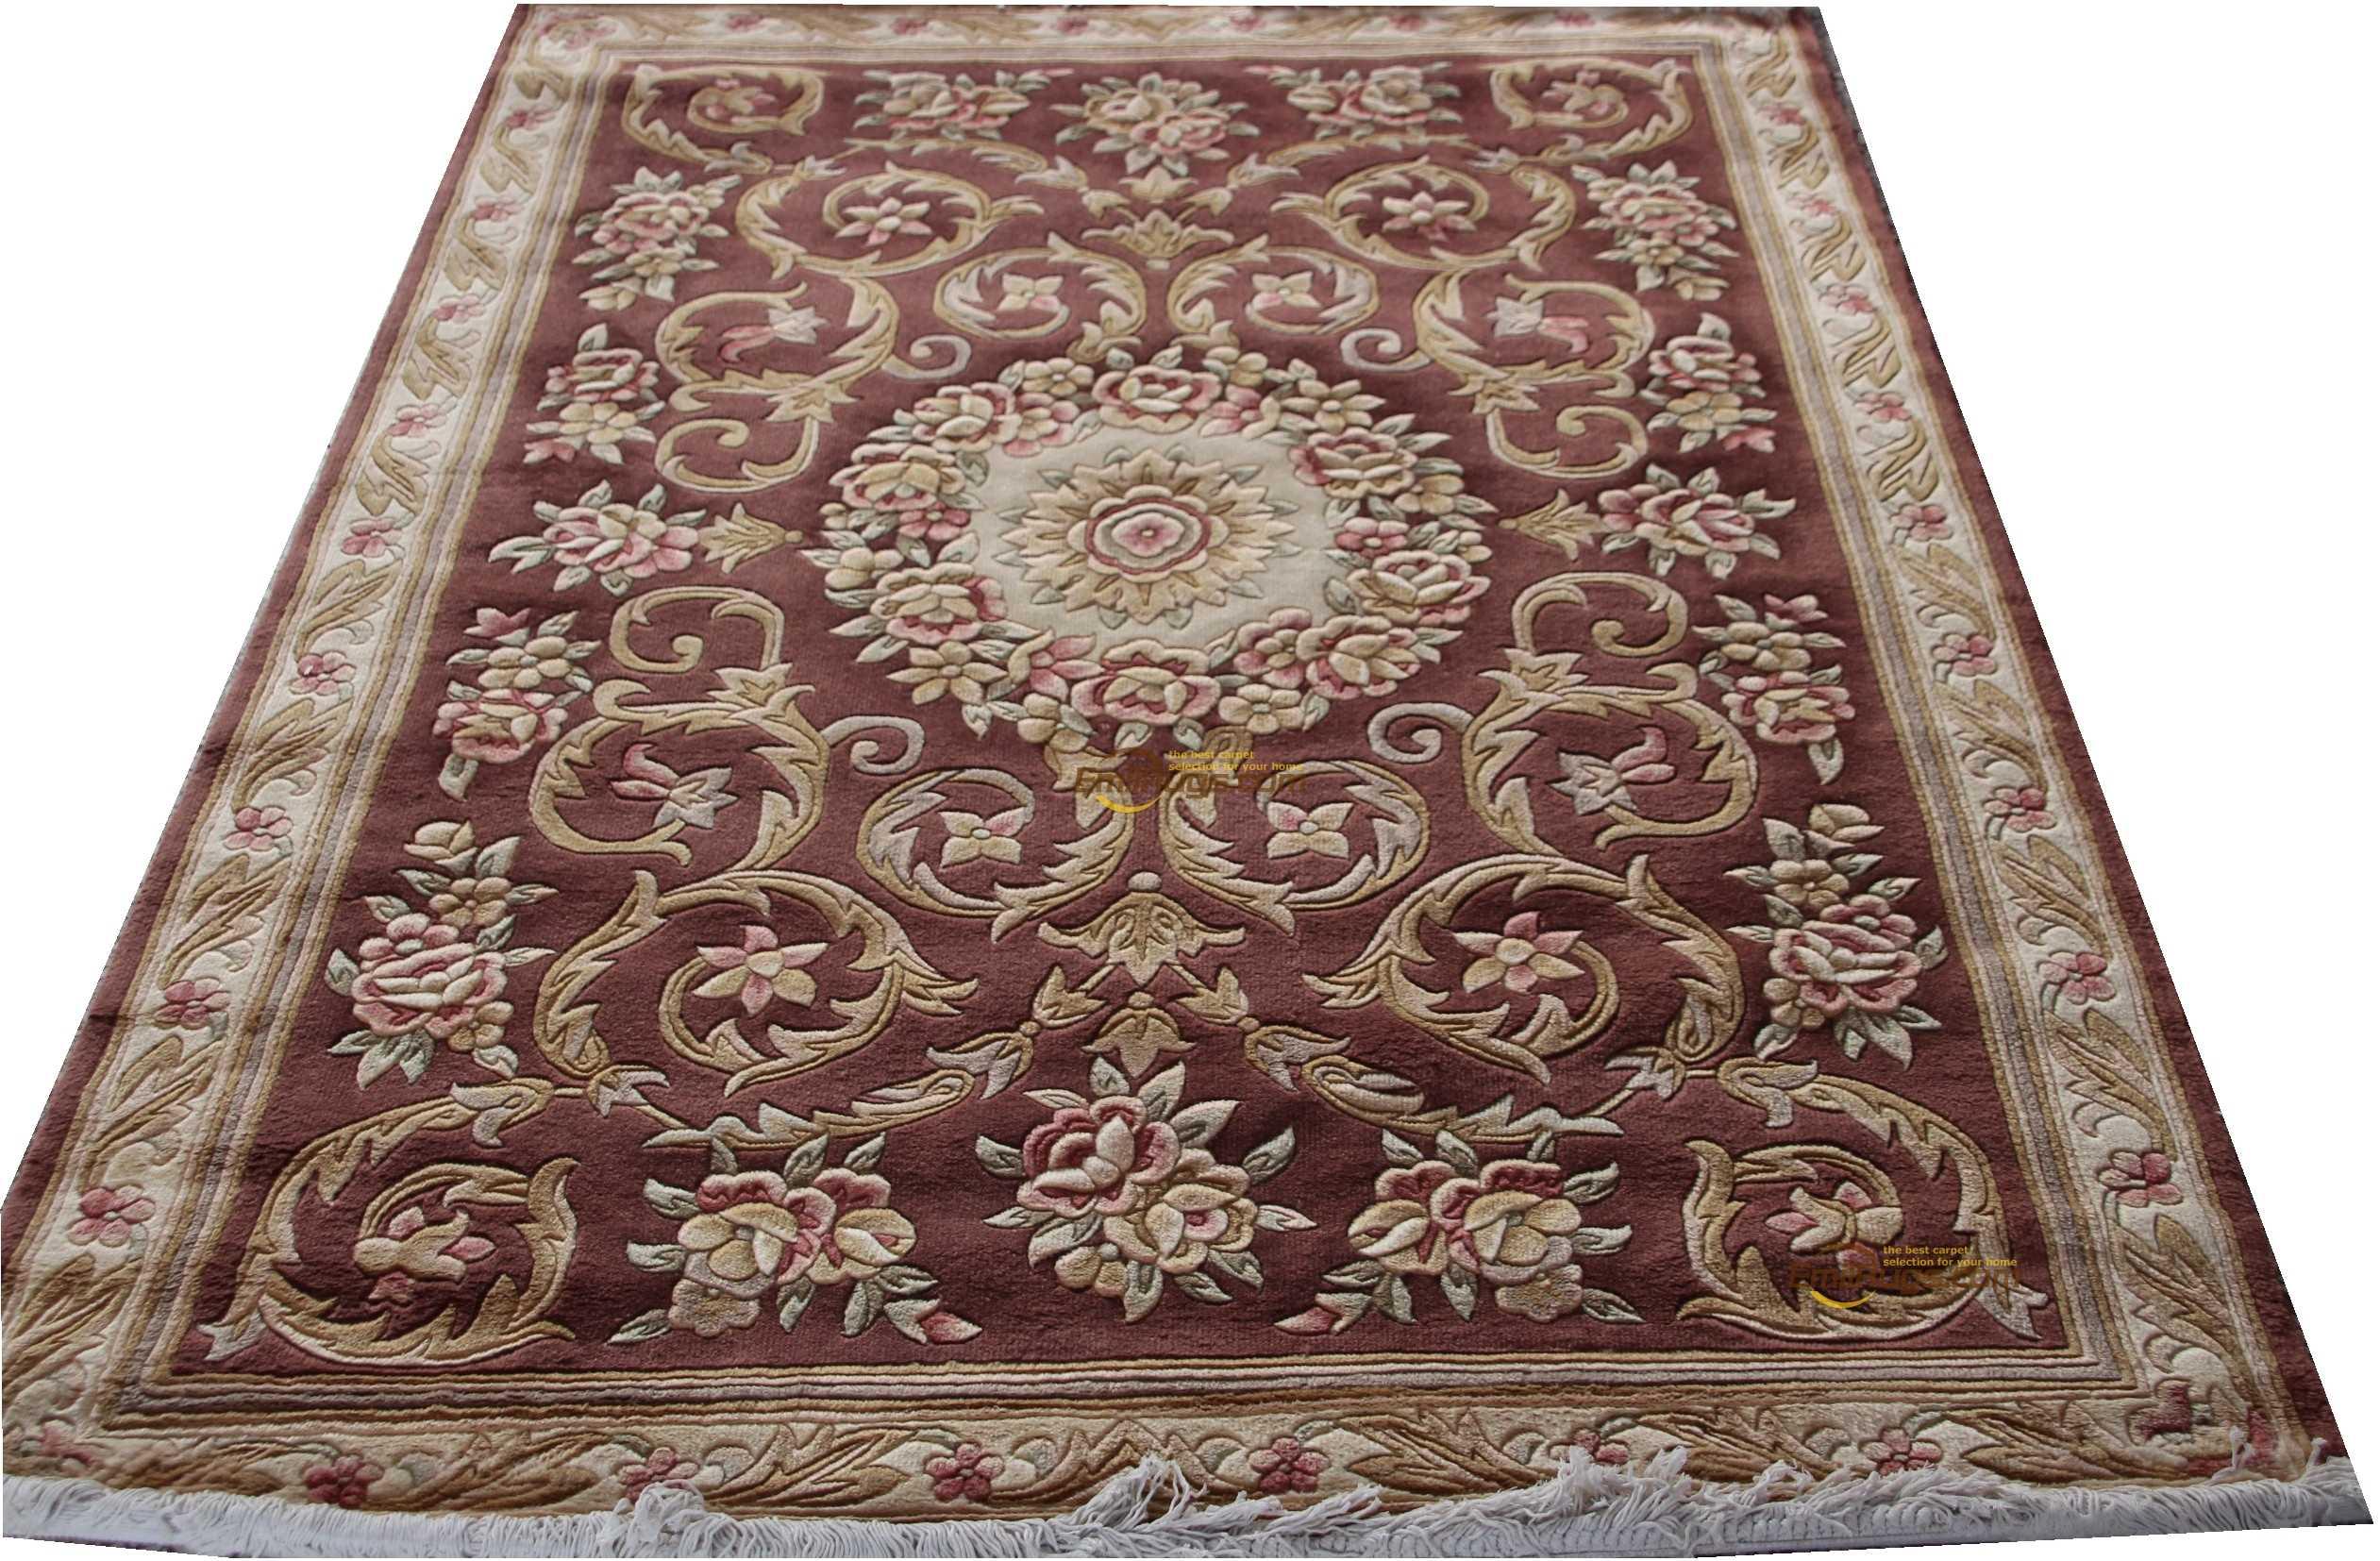 Tapis français en laine sur tapis de Savonnerie en peluche épais fabriqué à la machine tapis fait sur commande 137X198 cm 4.5 'X6. 5' CZ-Z 438gc85savyg28